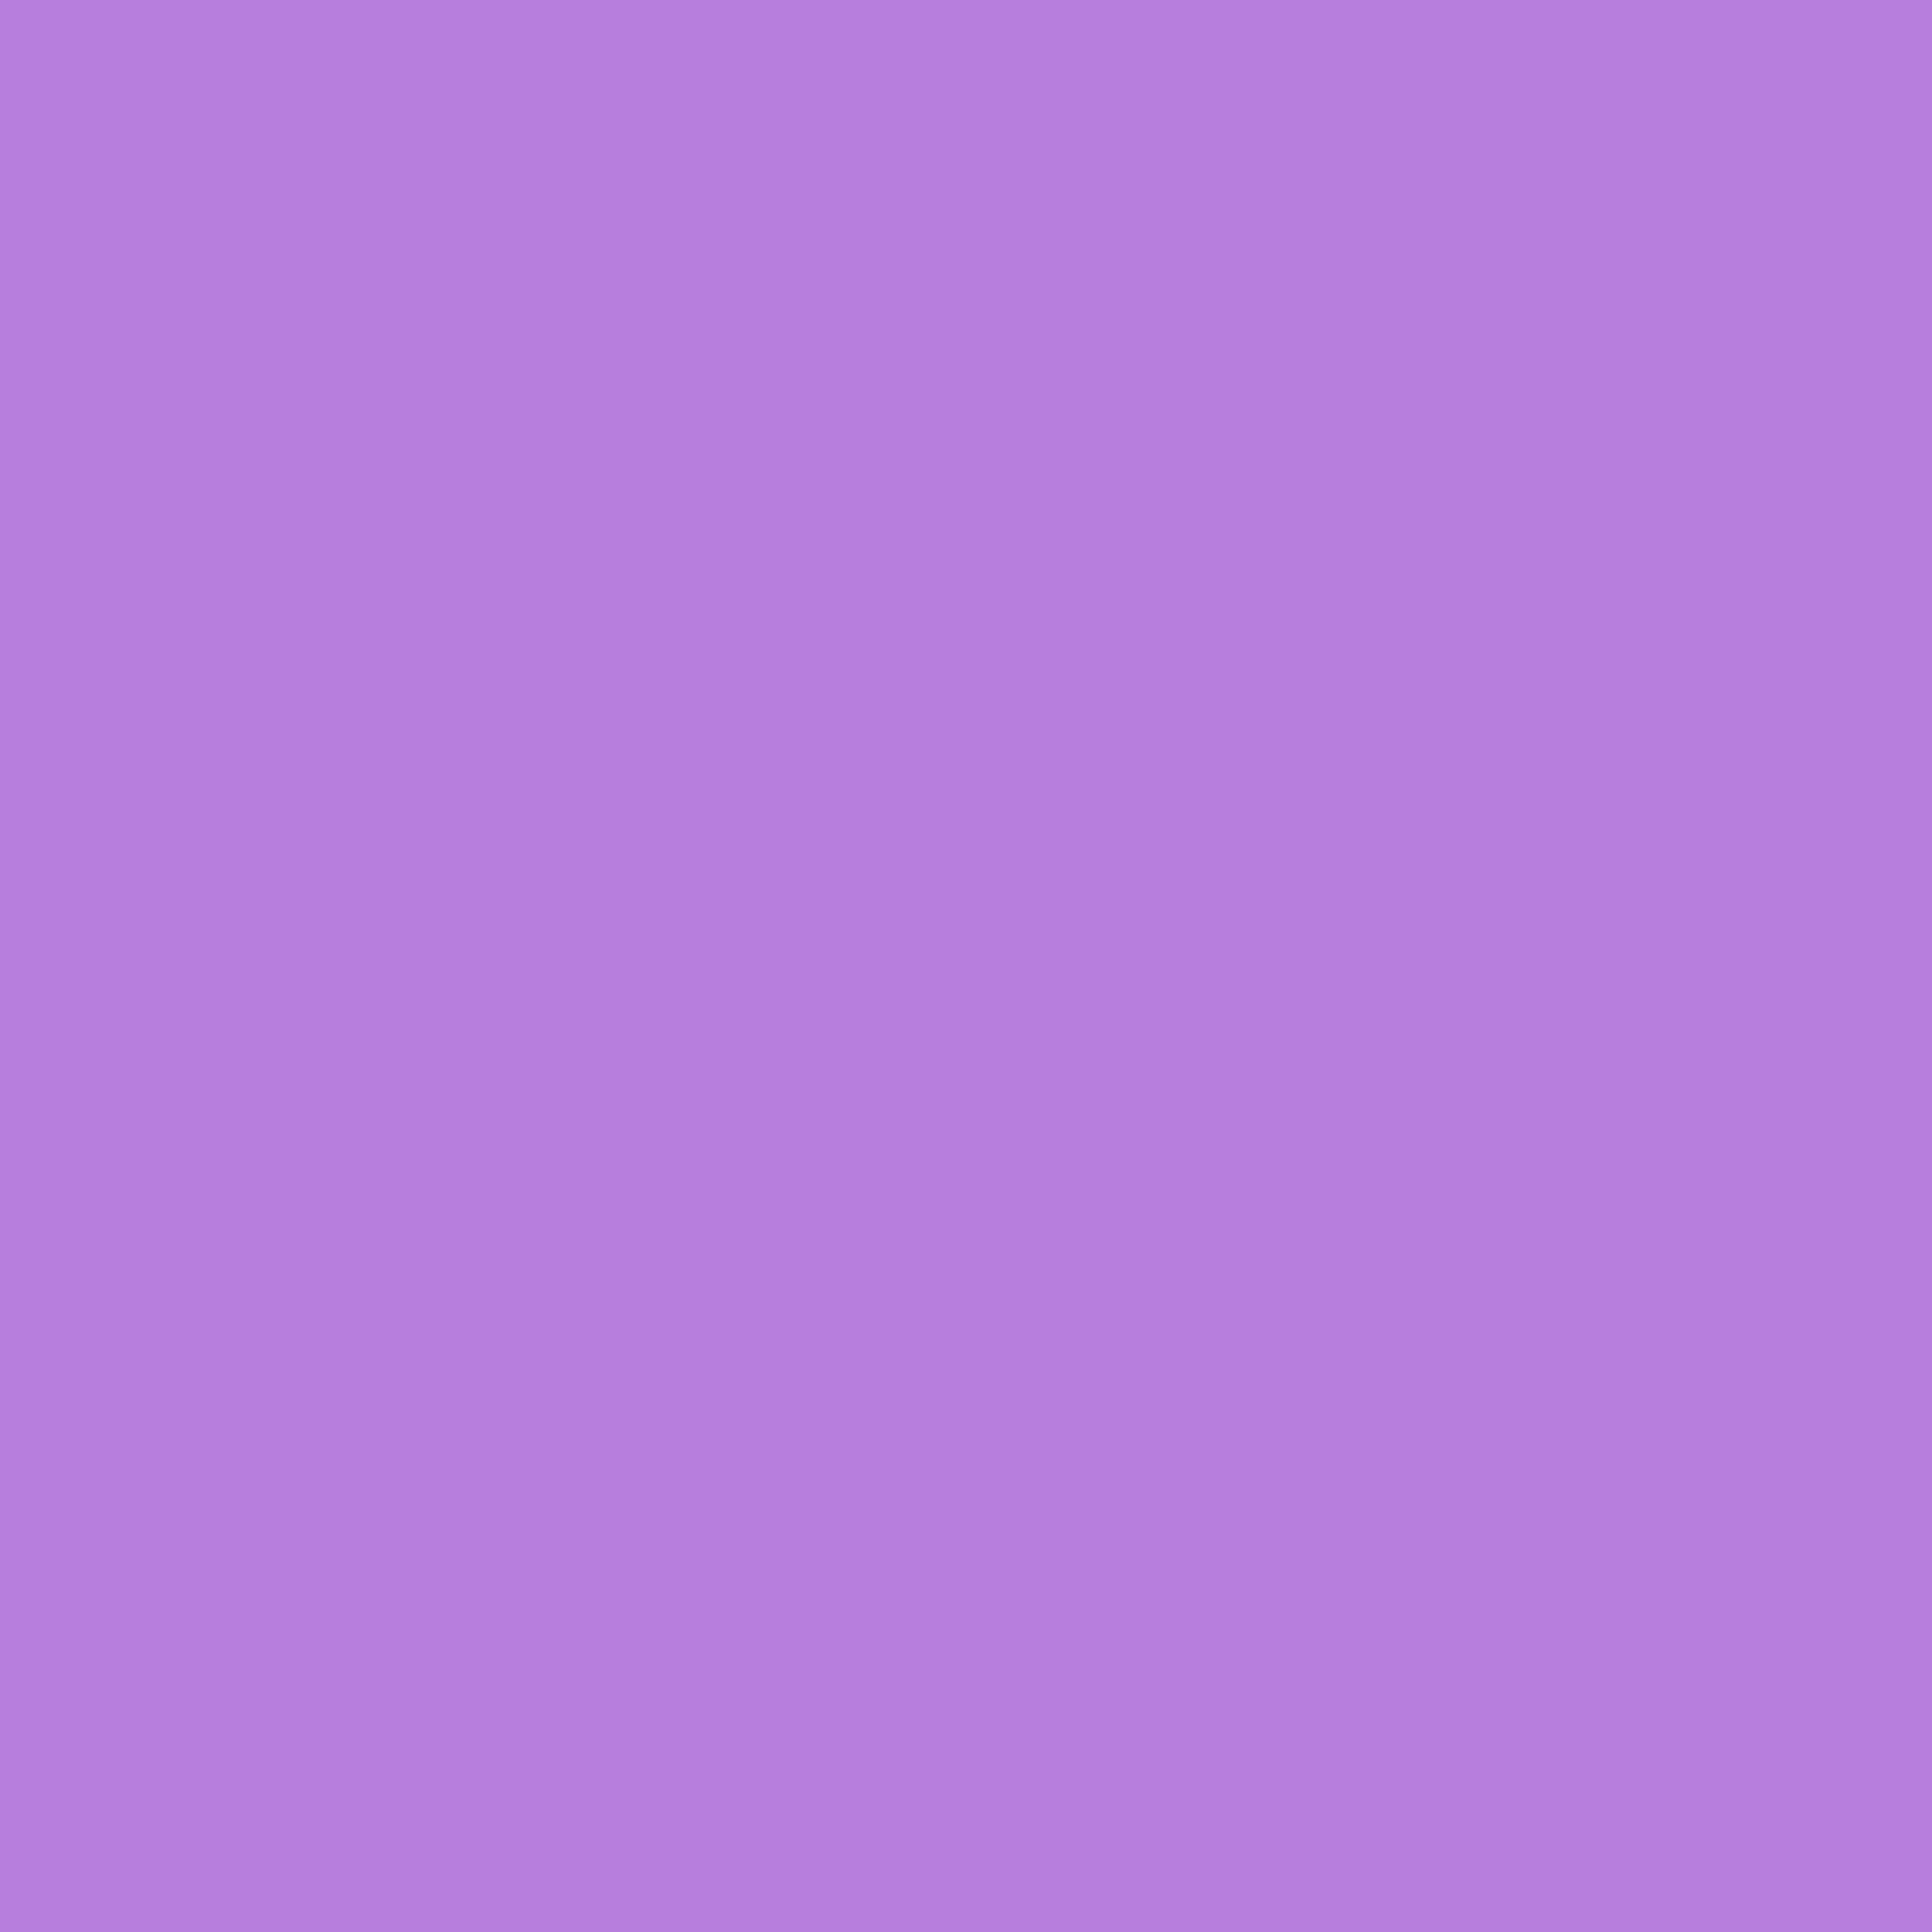 2048x2048 Lavender Floral Solid Color Background